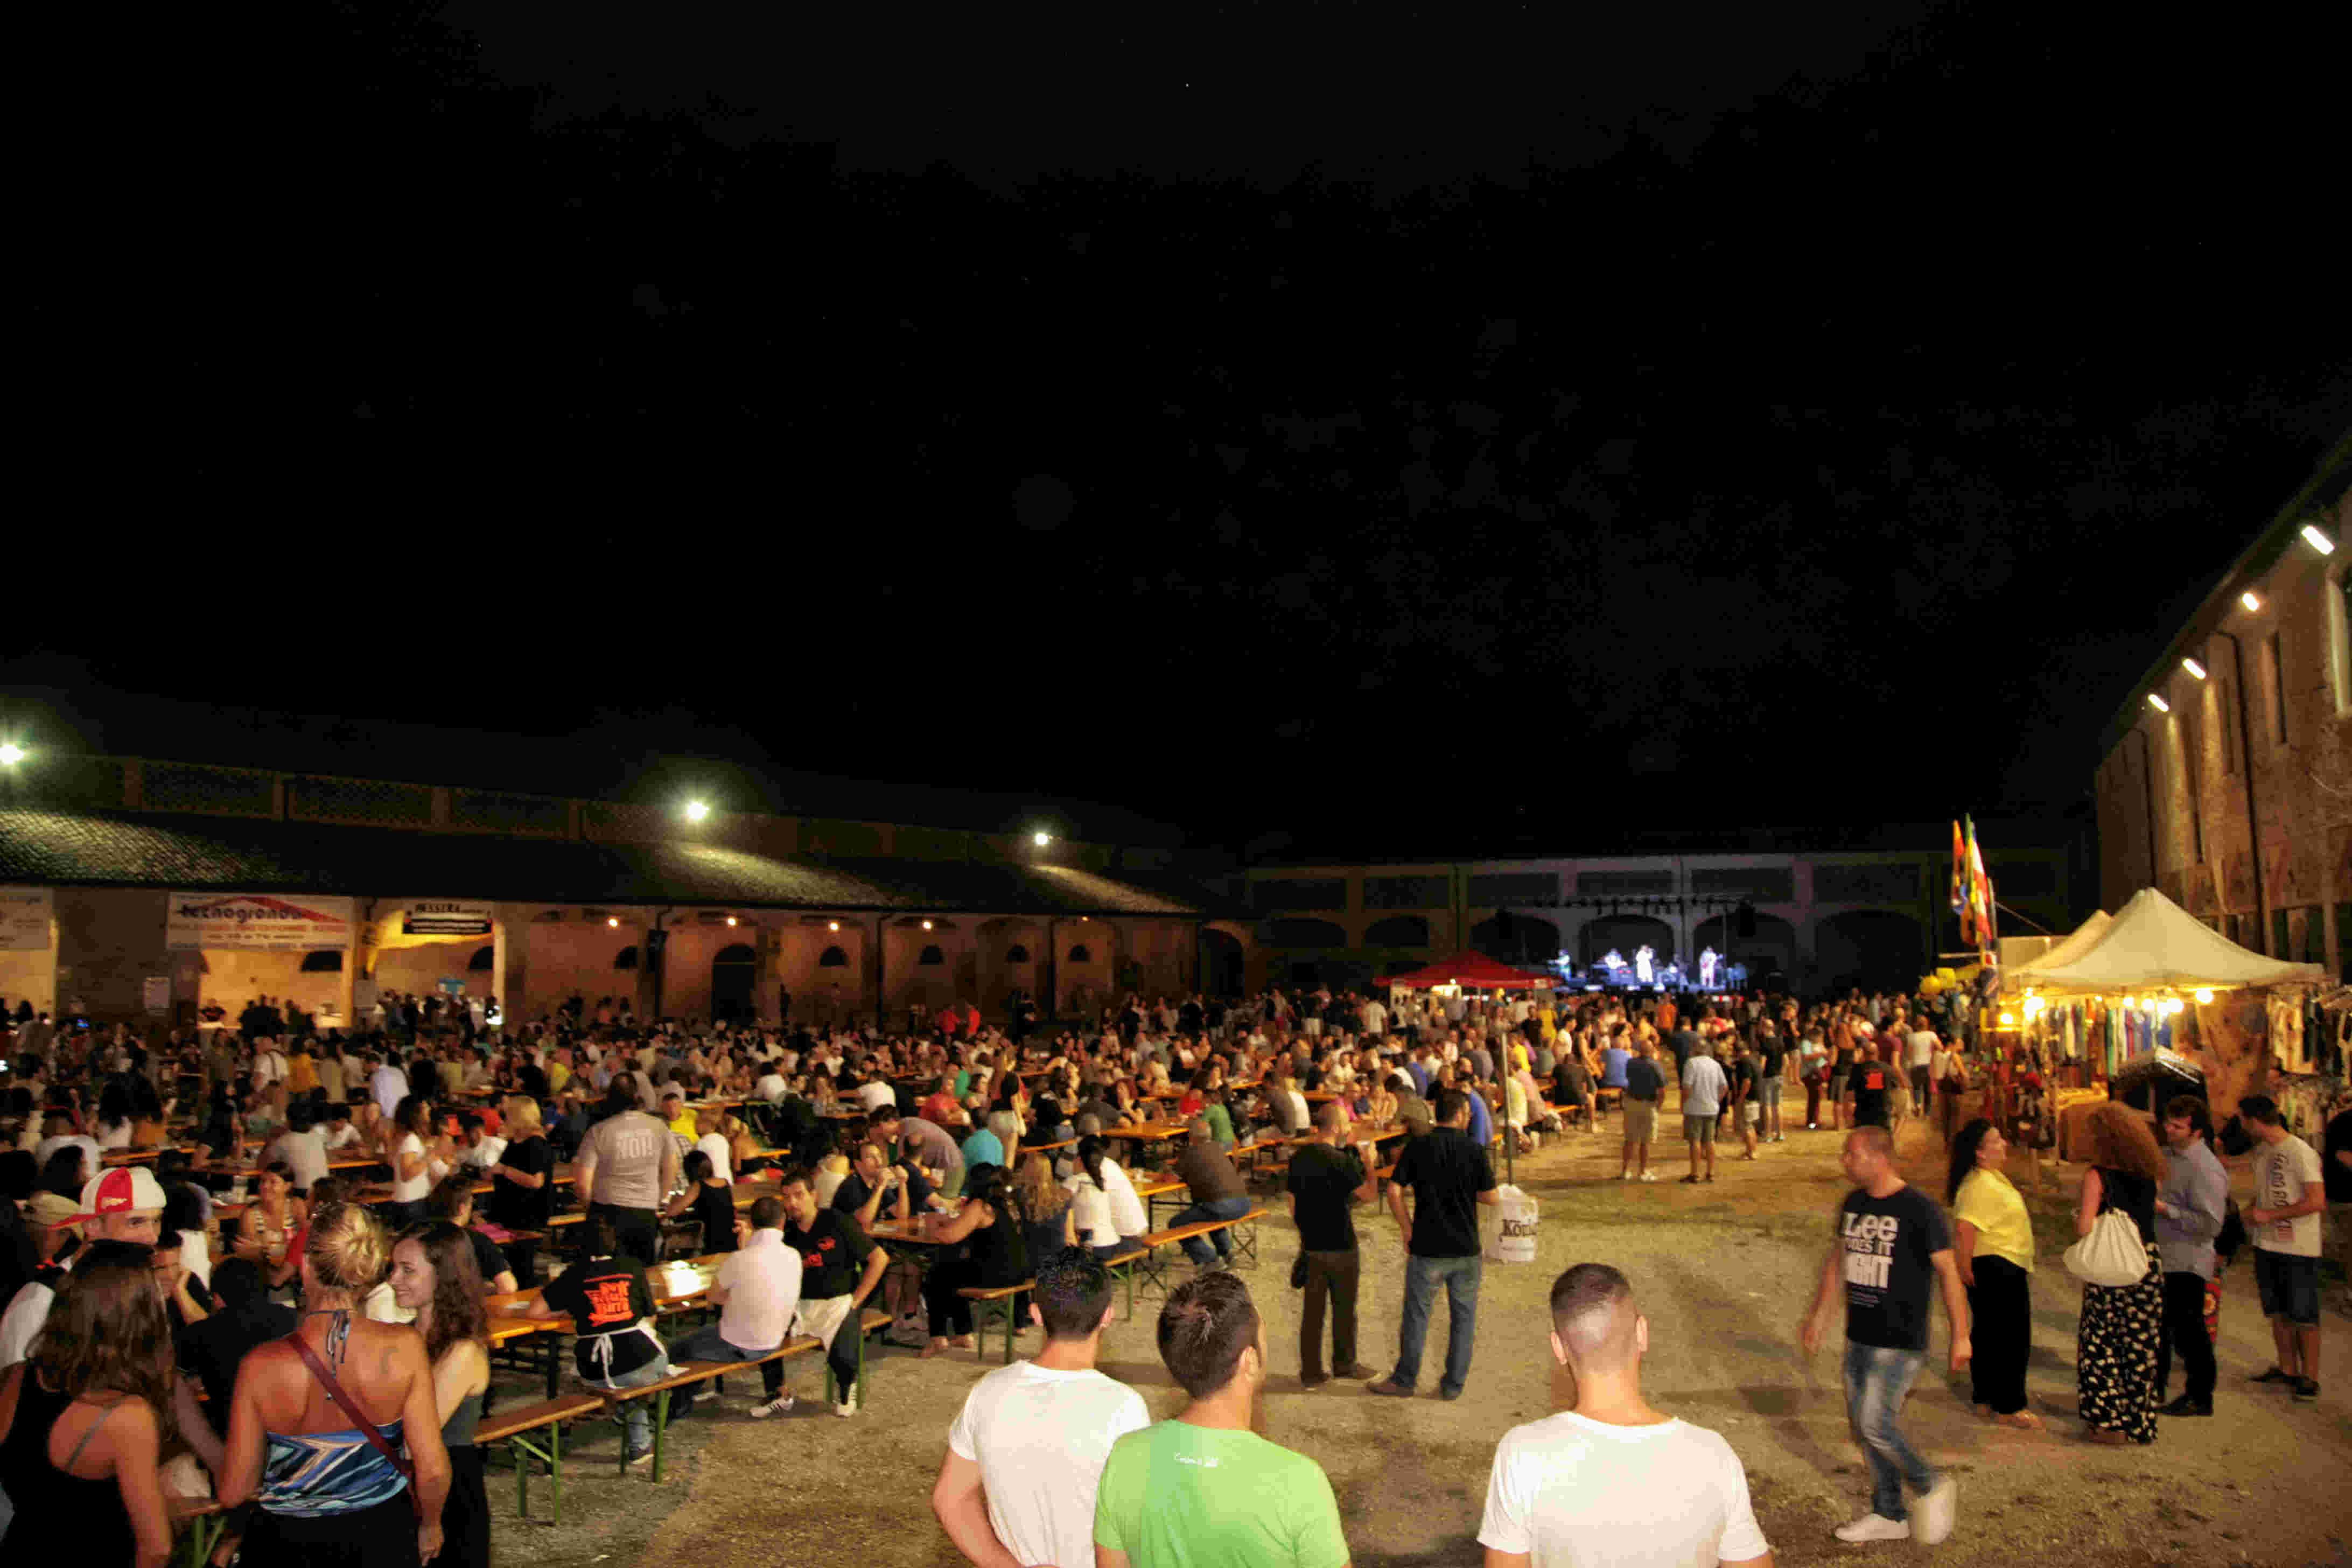 12ª edizione della Festa della Birra Collecchio (Parma) Mg_76810